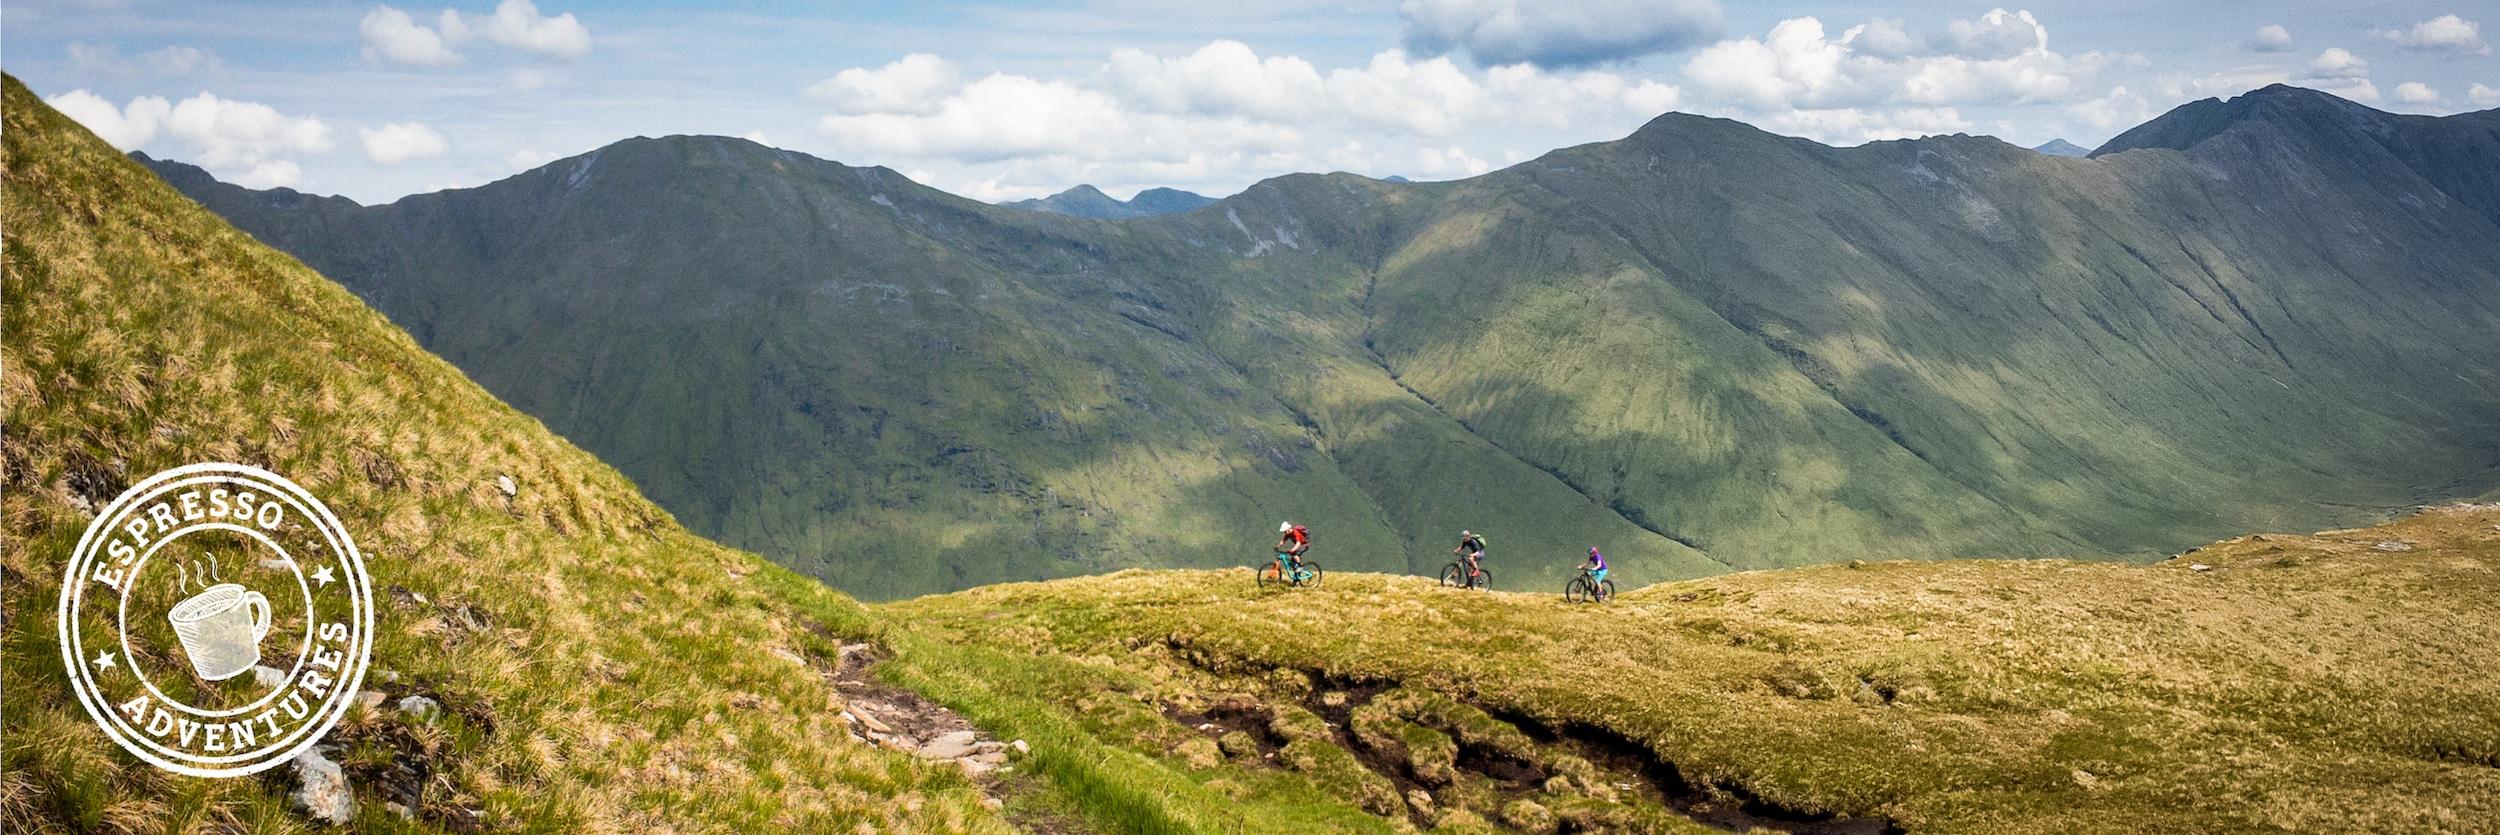 Mountain Bike Tours, mountain bikers in Scotland